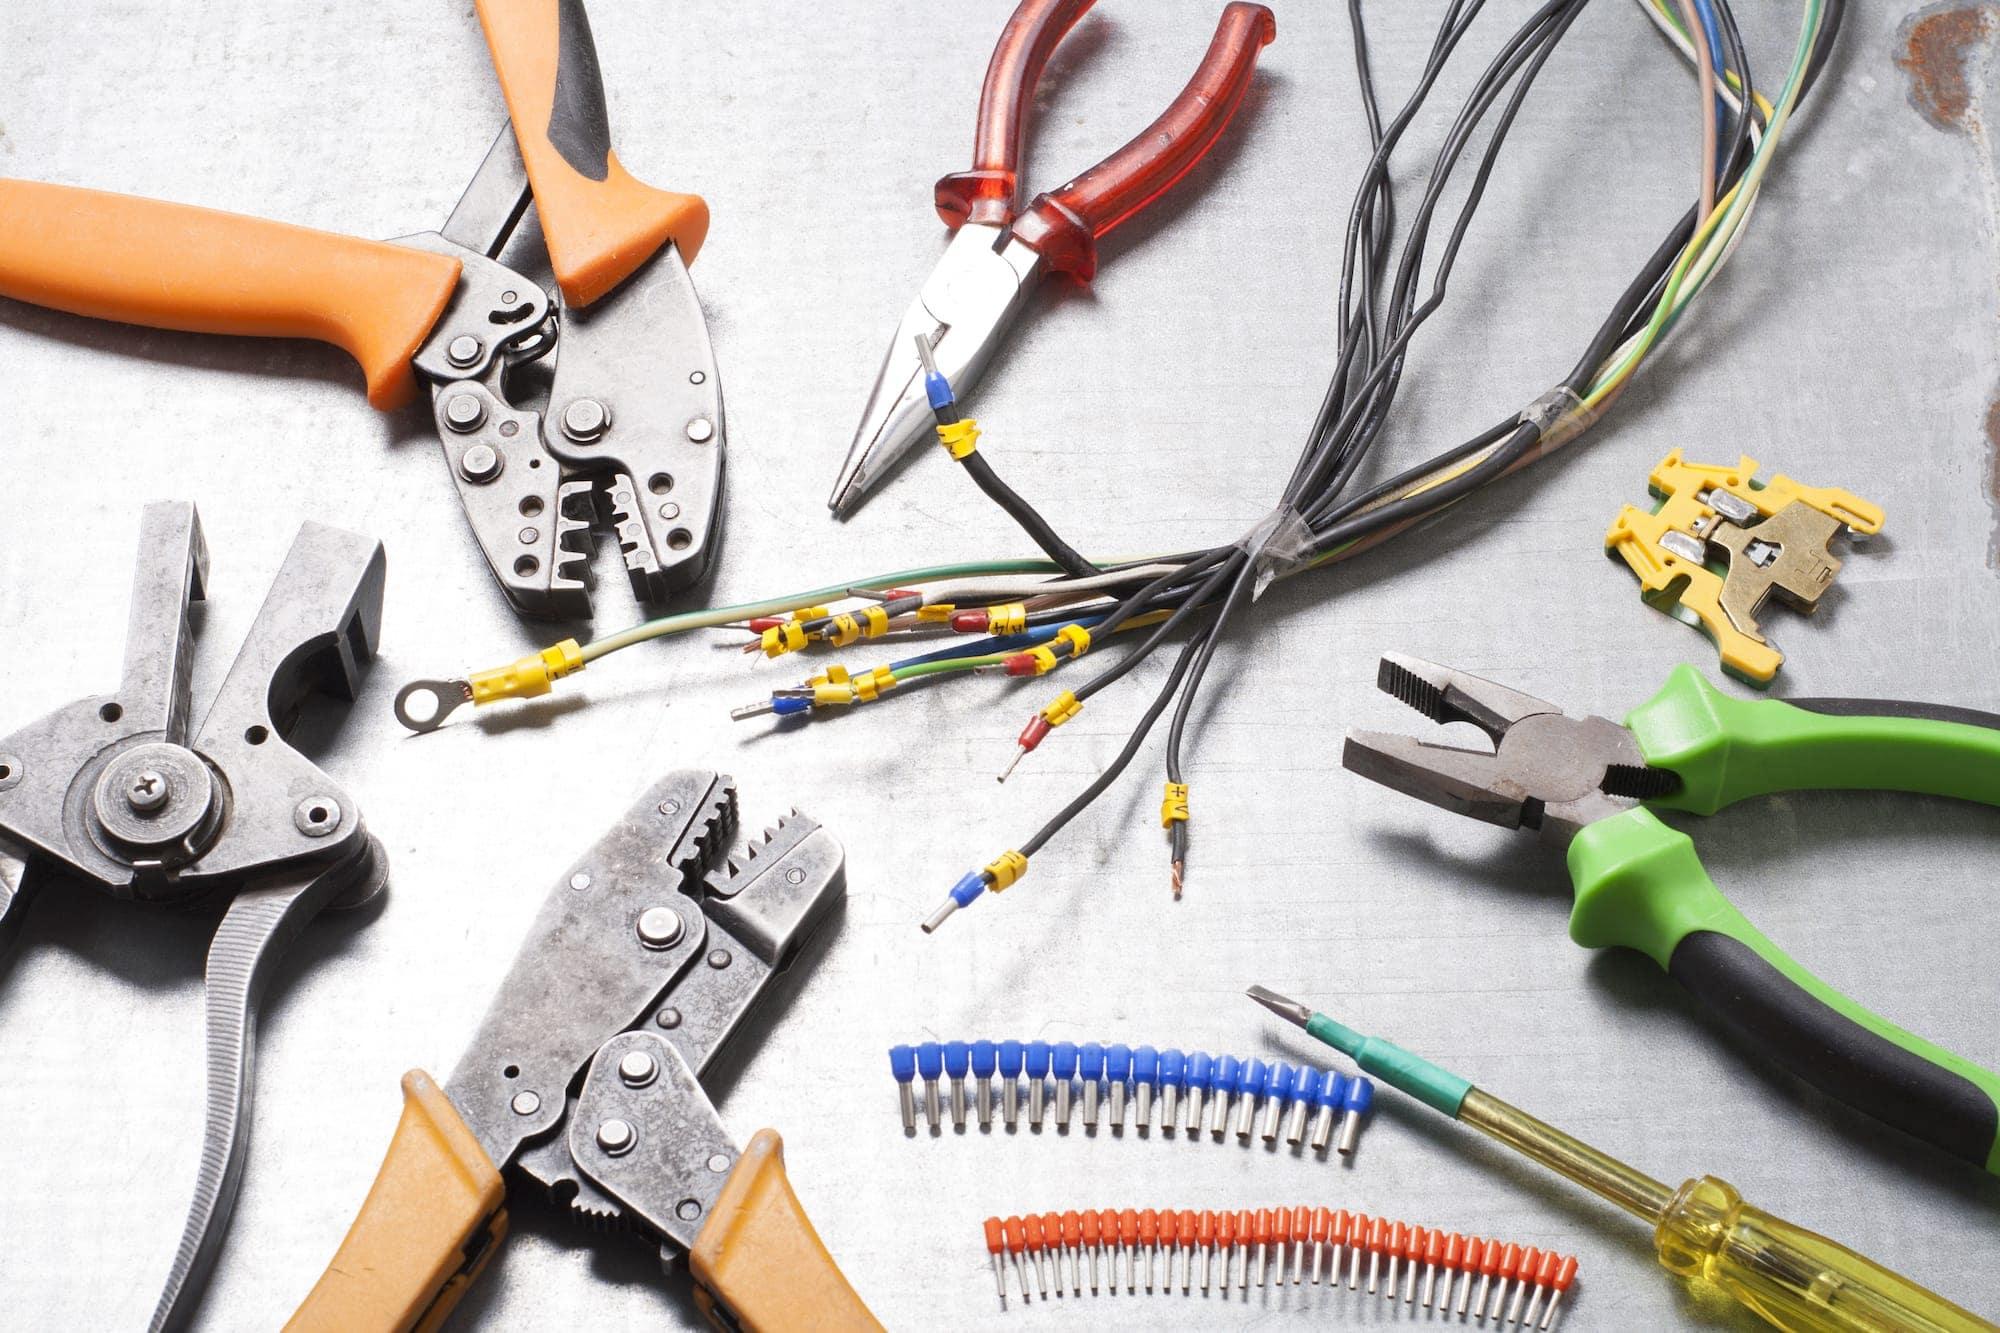 Список всех инструментов для электромонтажных работ